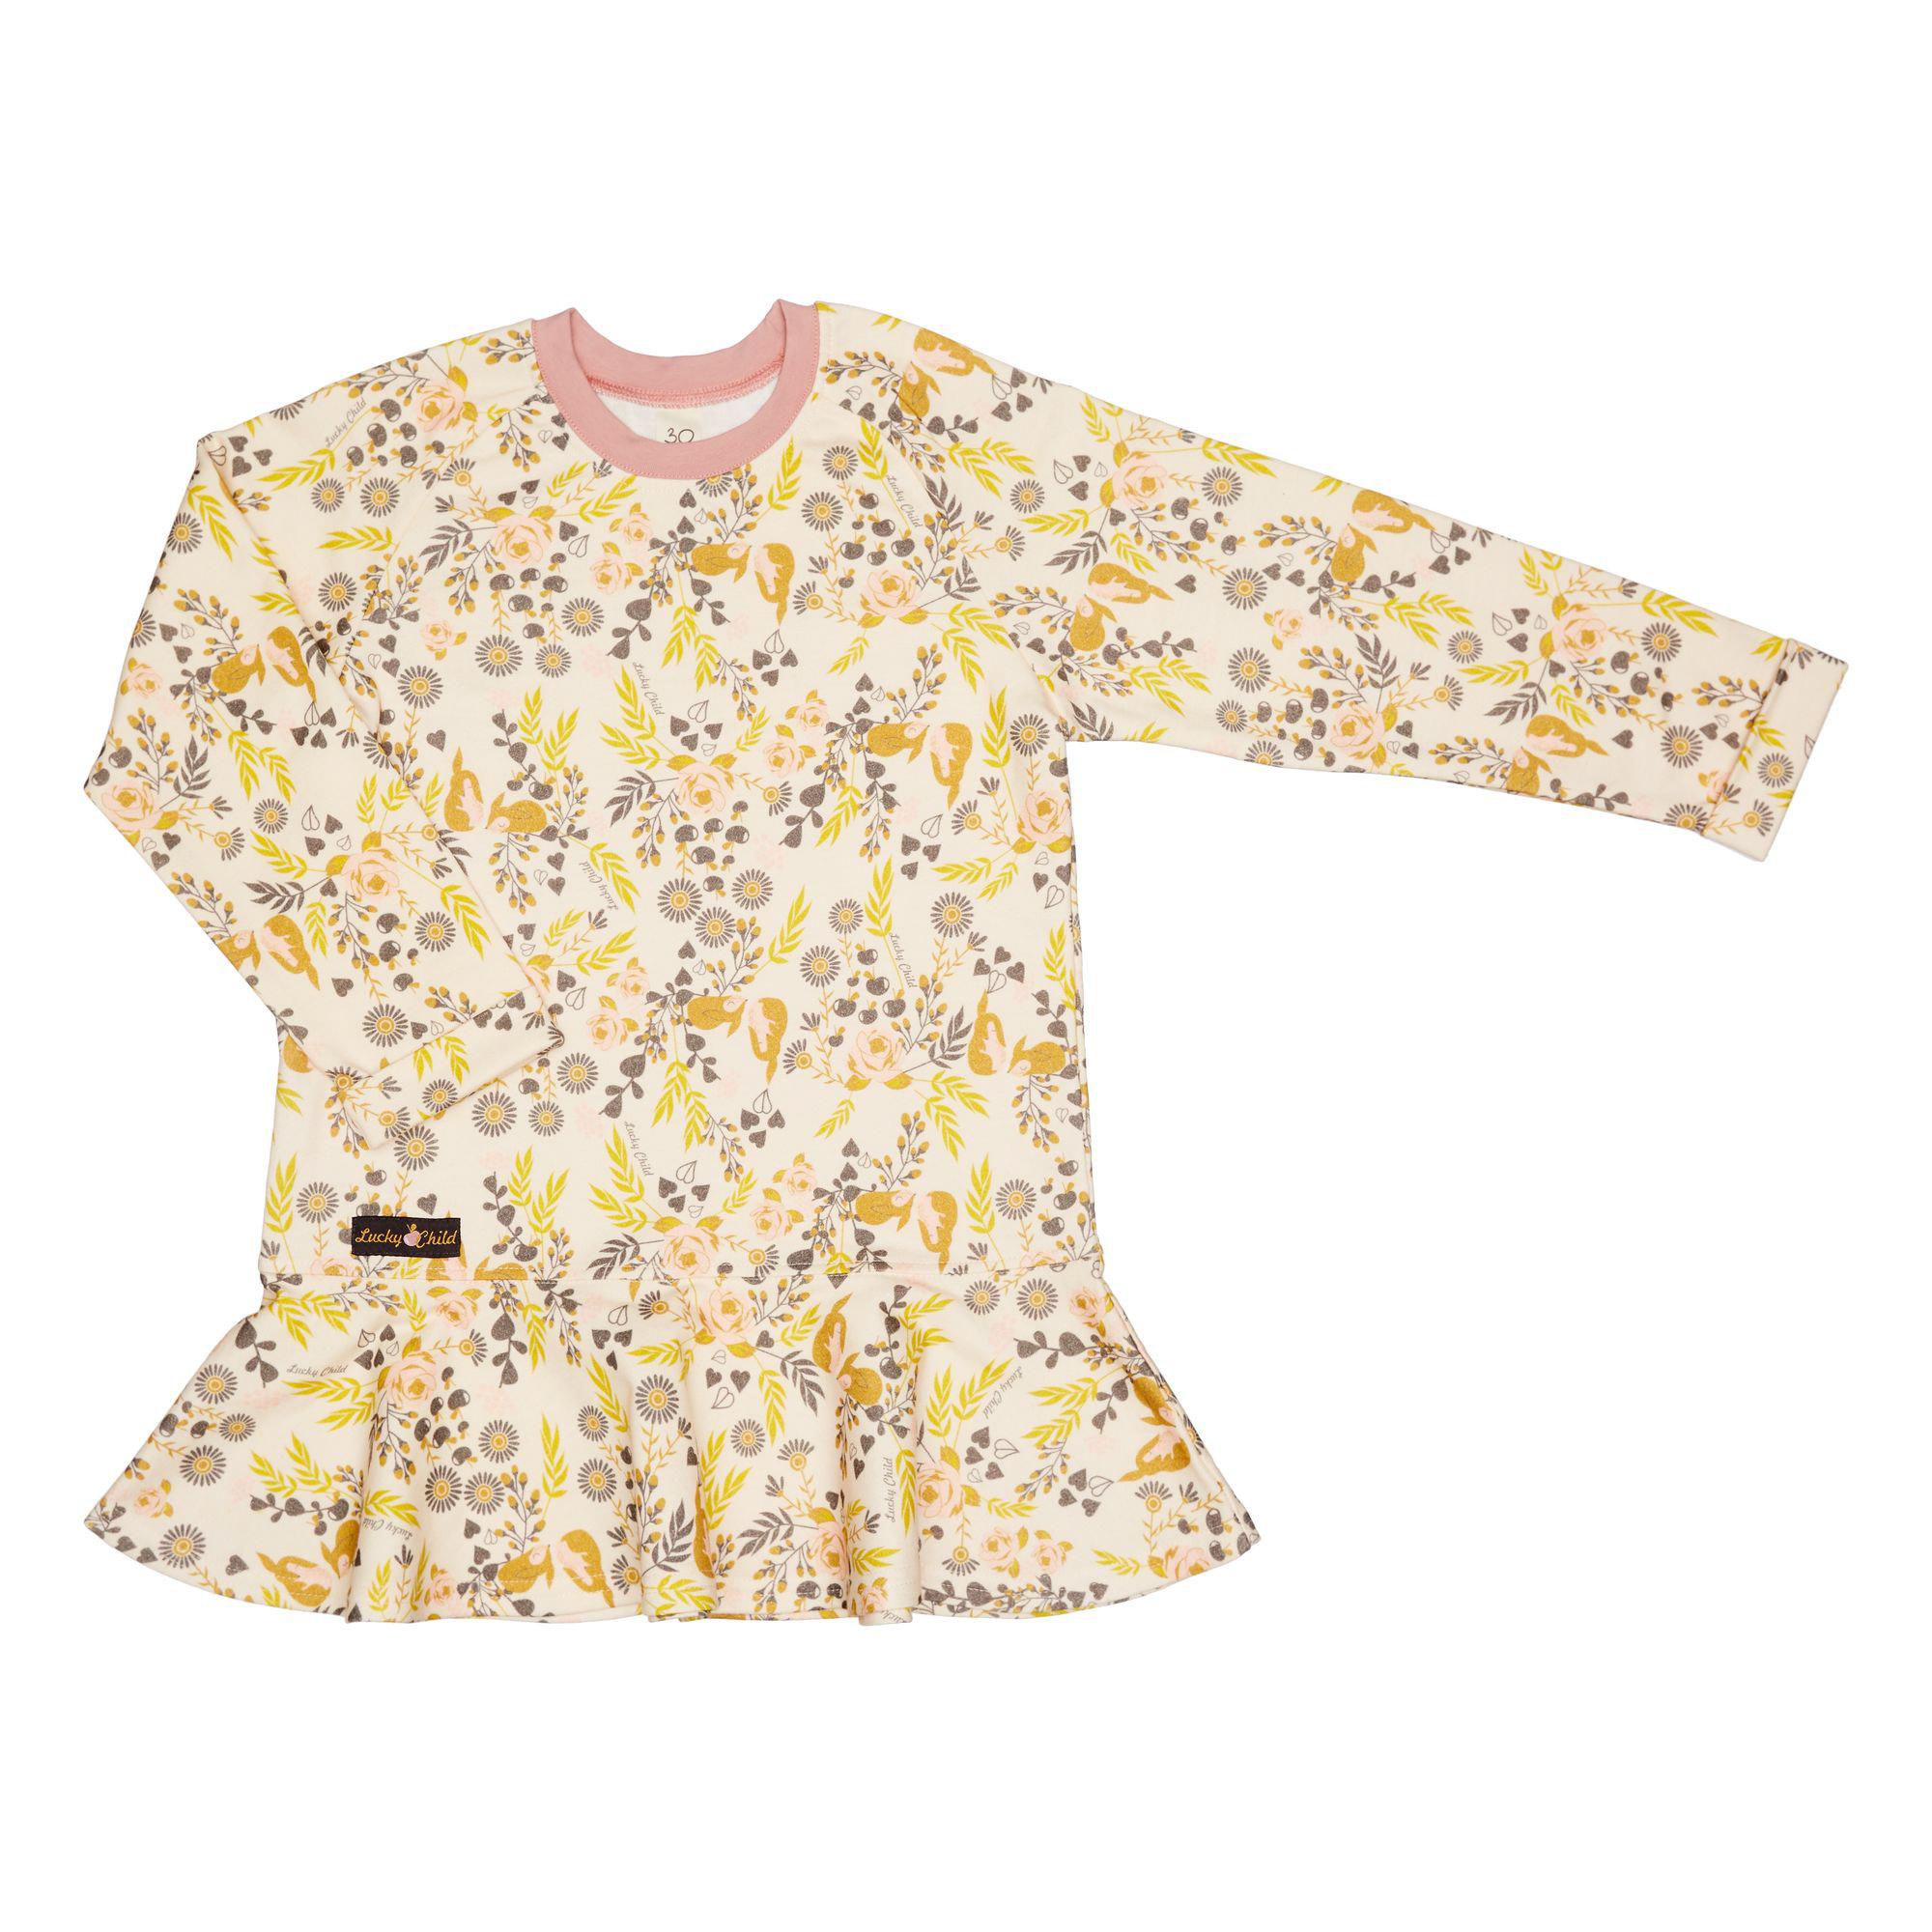 Купить Платье Lucky Child Осенний лес футер цветное 104-110, Разноцветный, Футер, Для девочек, Осень-Зима,